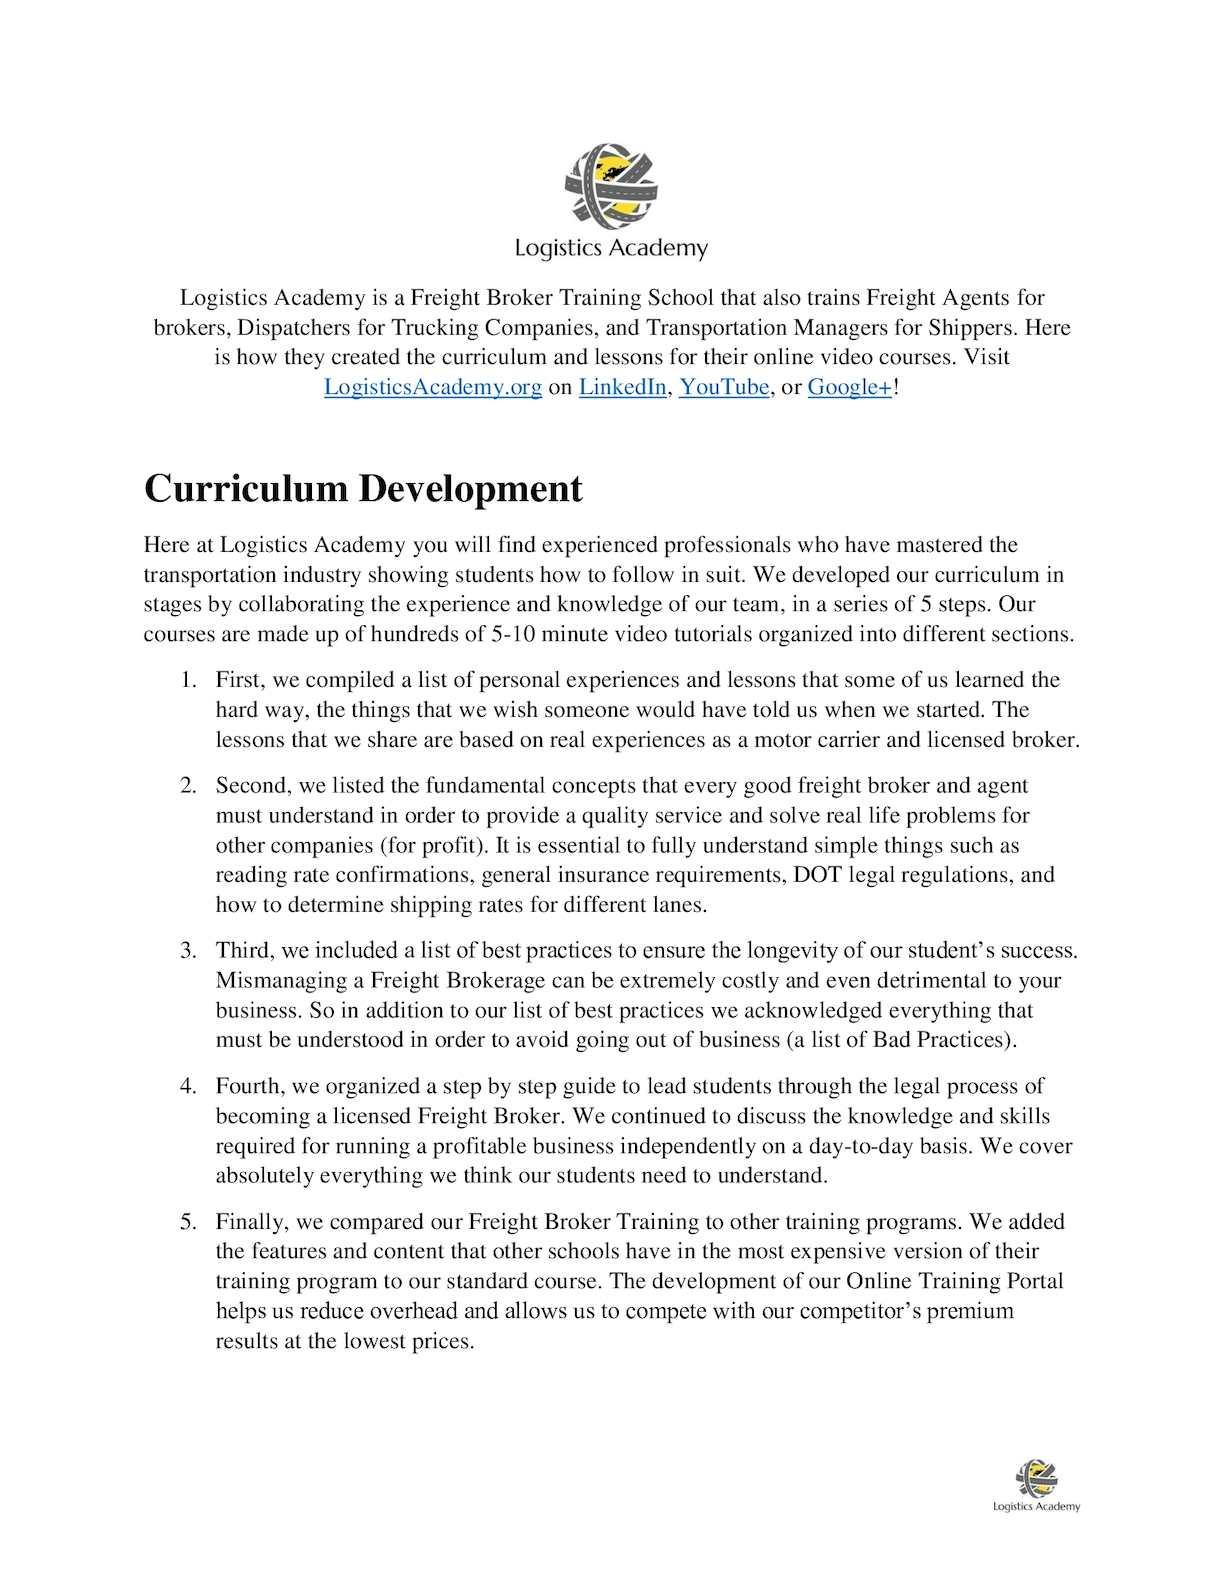 Calaméo - Freight Broker Training School Curriculum Development